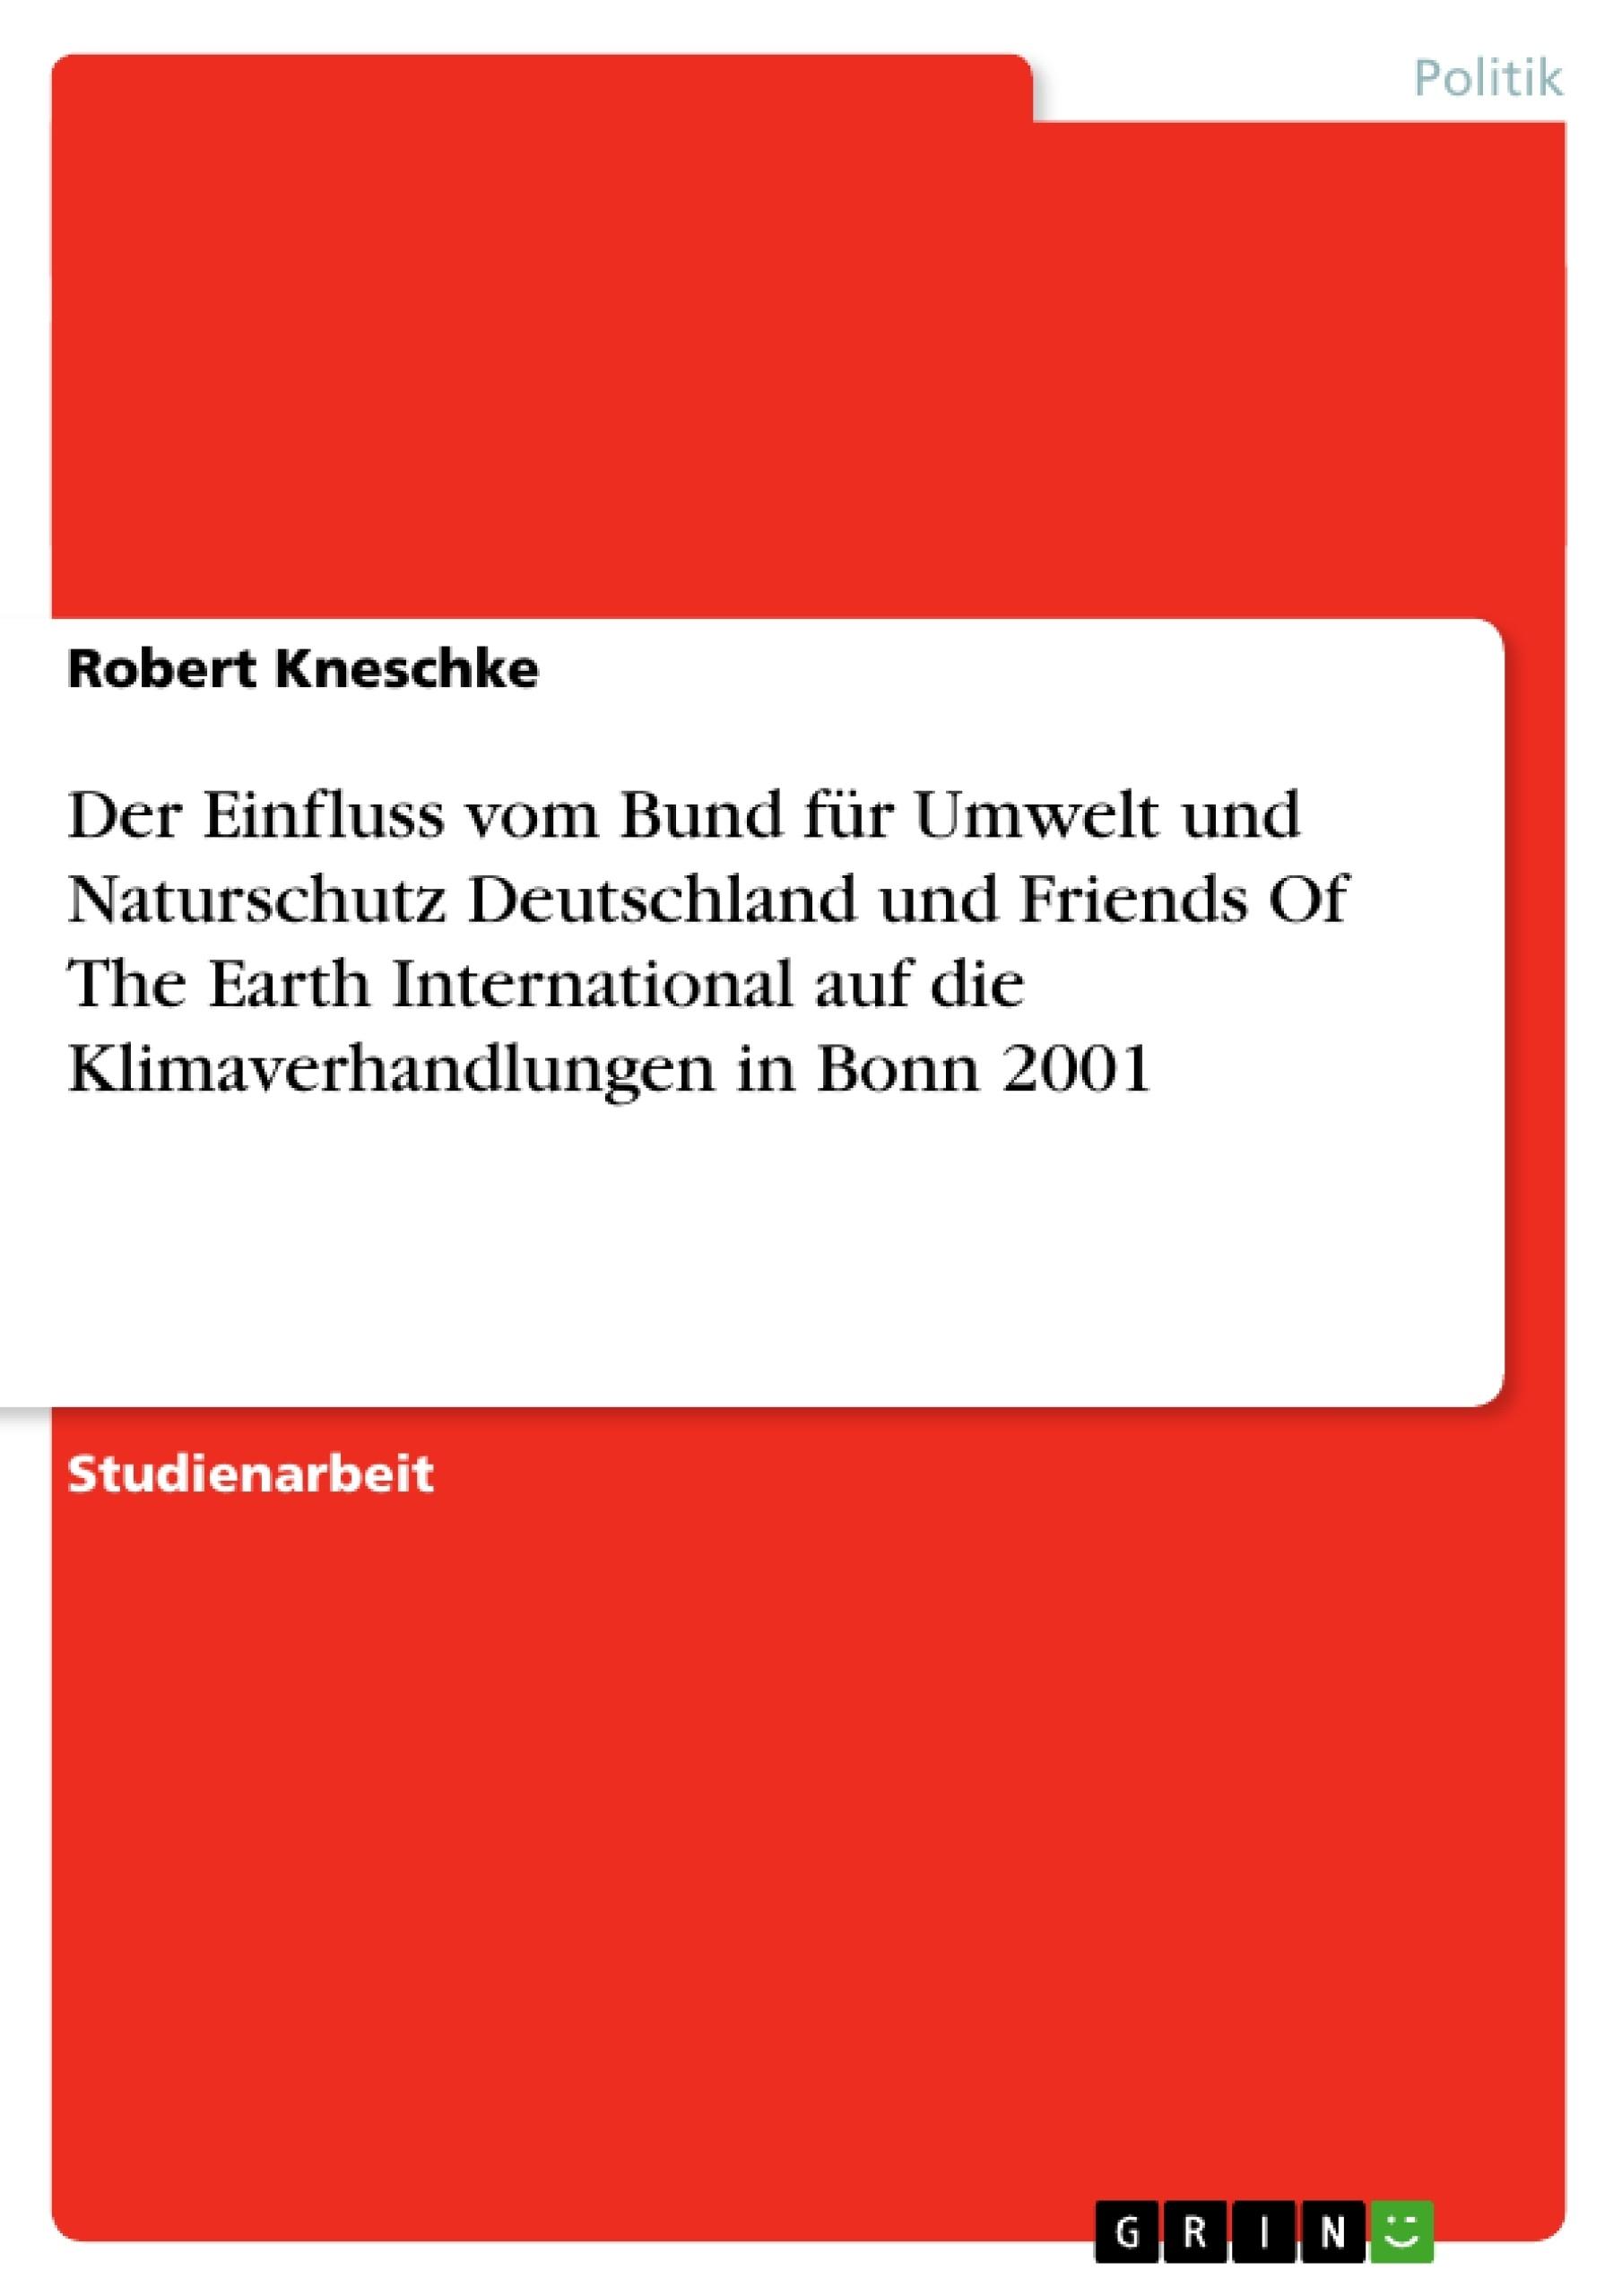 Titel: Der Einfluss vom Bund für Umwelt und Naturschutz Deutschland und Friends Of The Earth International auf die Klimaverhandlungen in Bonn 2001